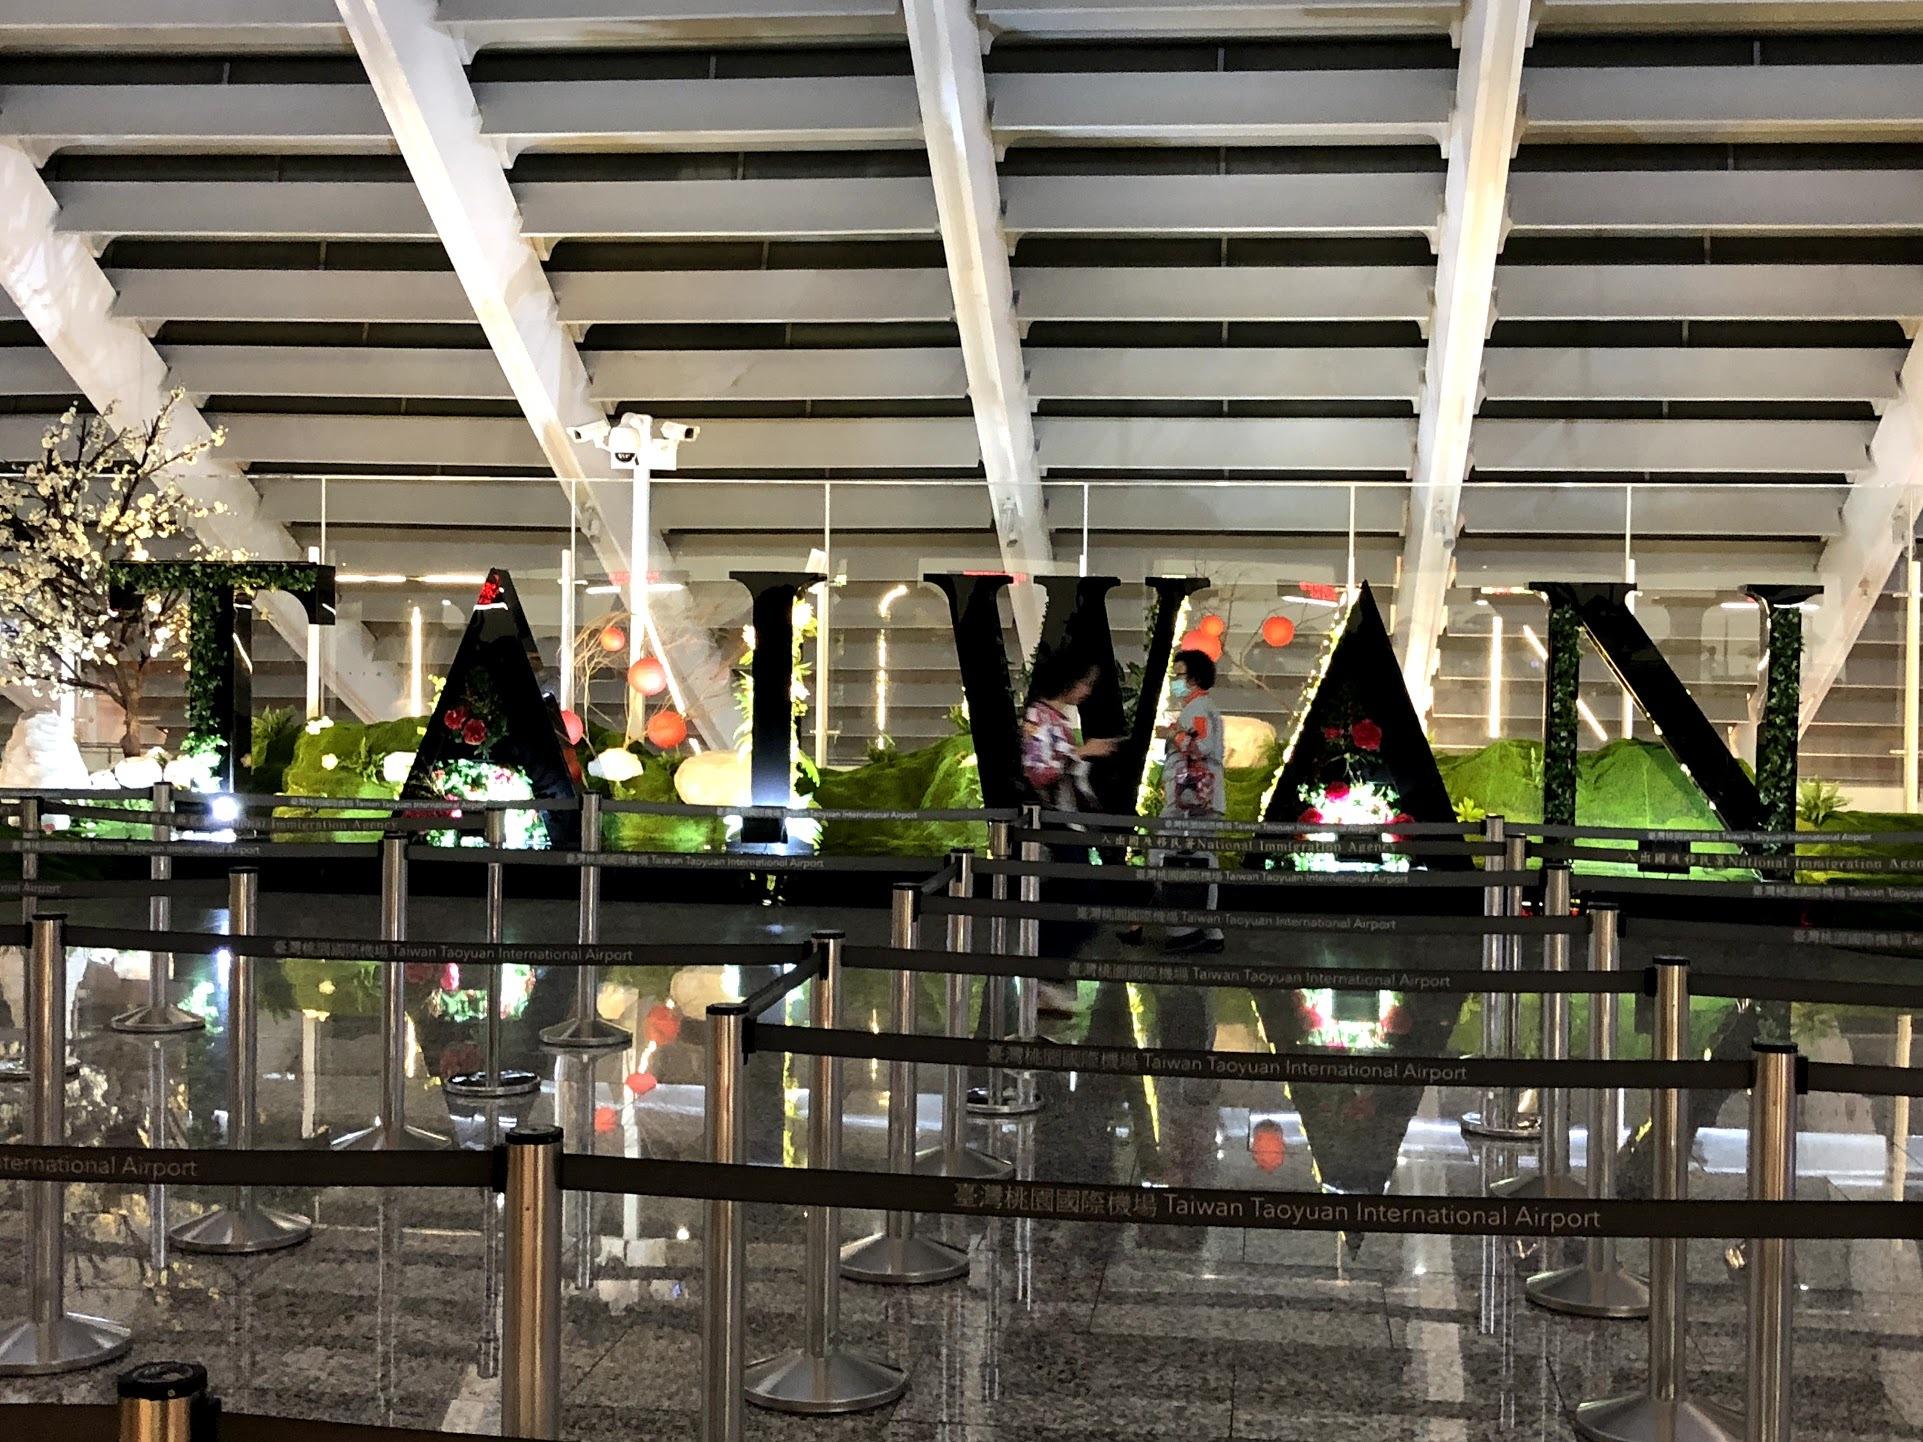 台湾の一人旅でここはおさえておきたい!初めてでも楽しめるおすすめの観光スポットをご紹介!